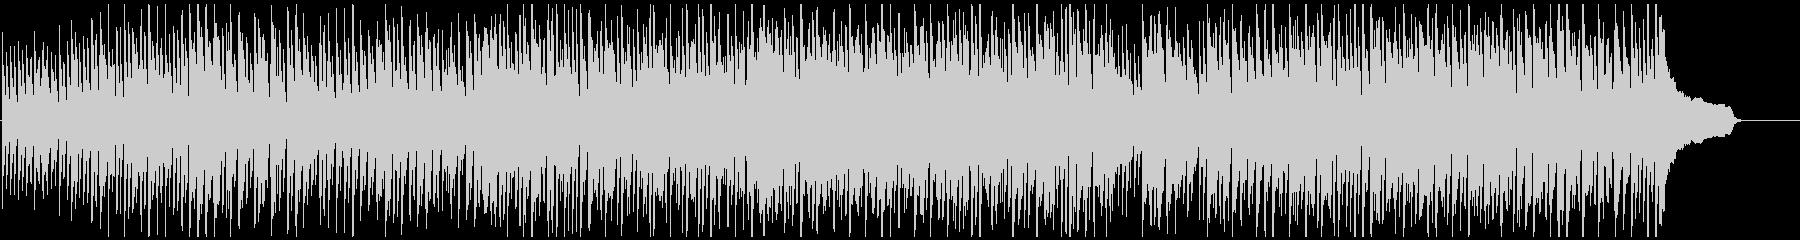 カートゥーン系コメディのリコーダー劇伴の未再生の波形